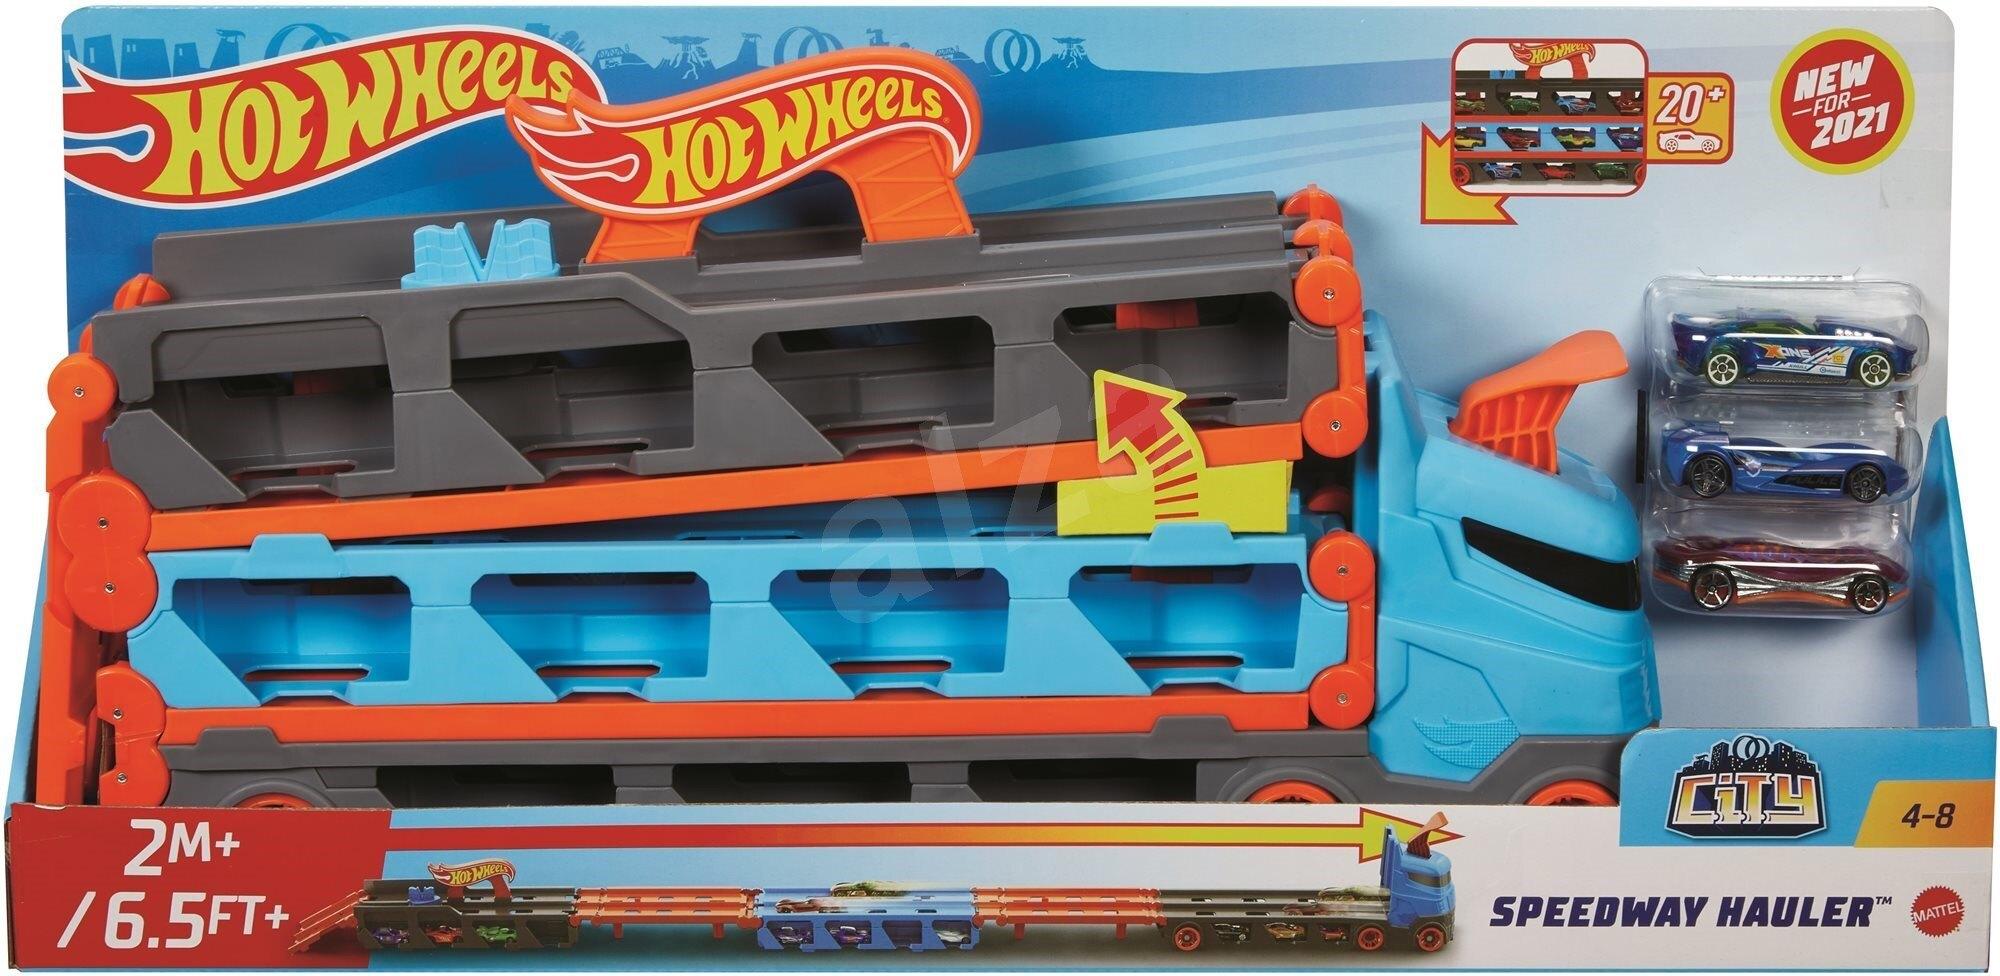 《風火輪Hot Wheels》 摺疊賽道收納卡車 東喬精品百貨